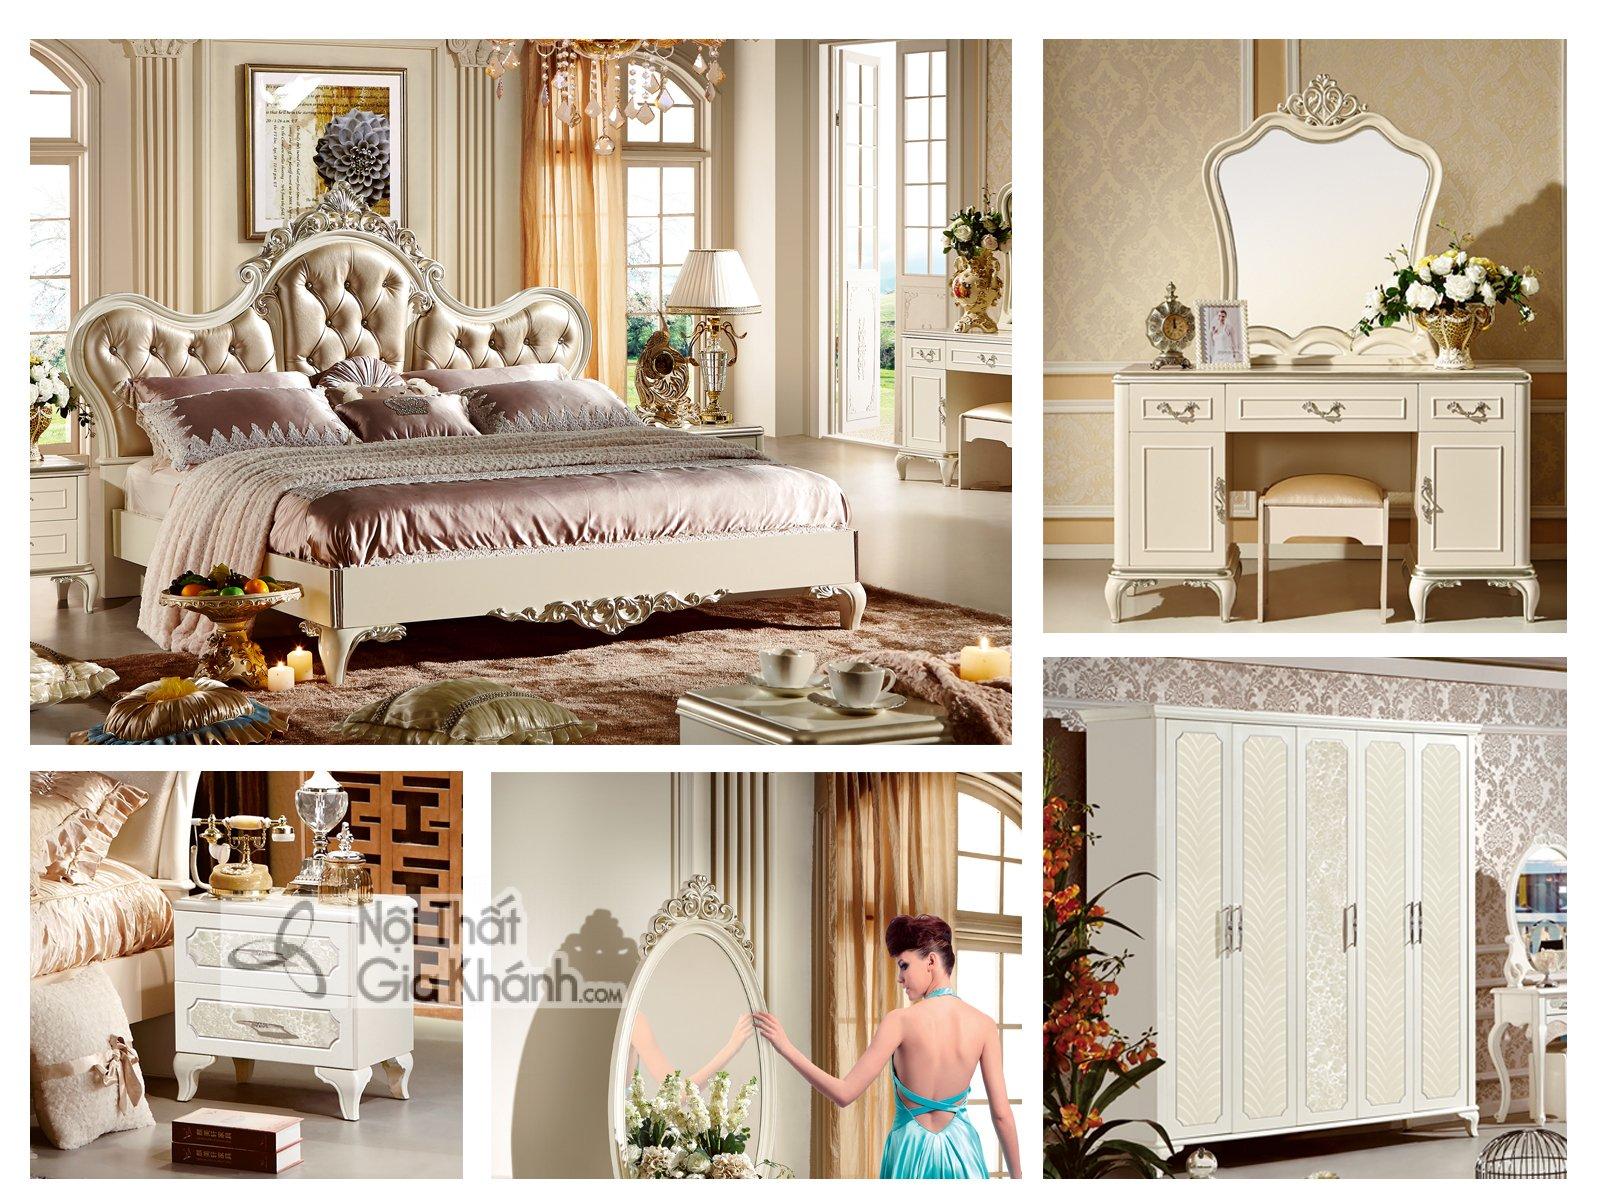 Bộ phòng ngủ tân cổ điển bọc da phong cách Pháp 38631BG - bo phong ngu tan co dien boc da phong cach phap 38631bg 2